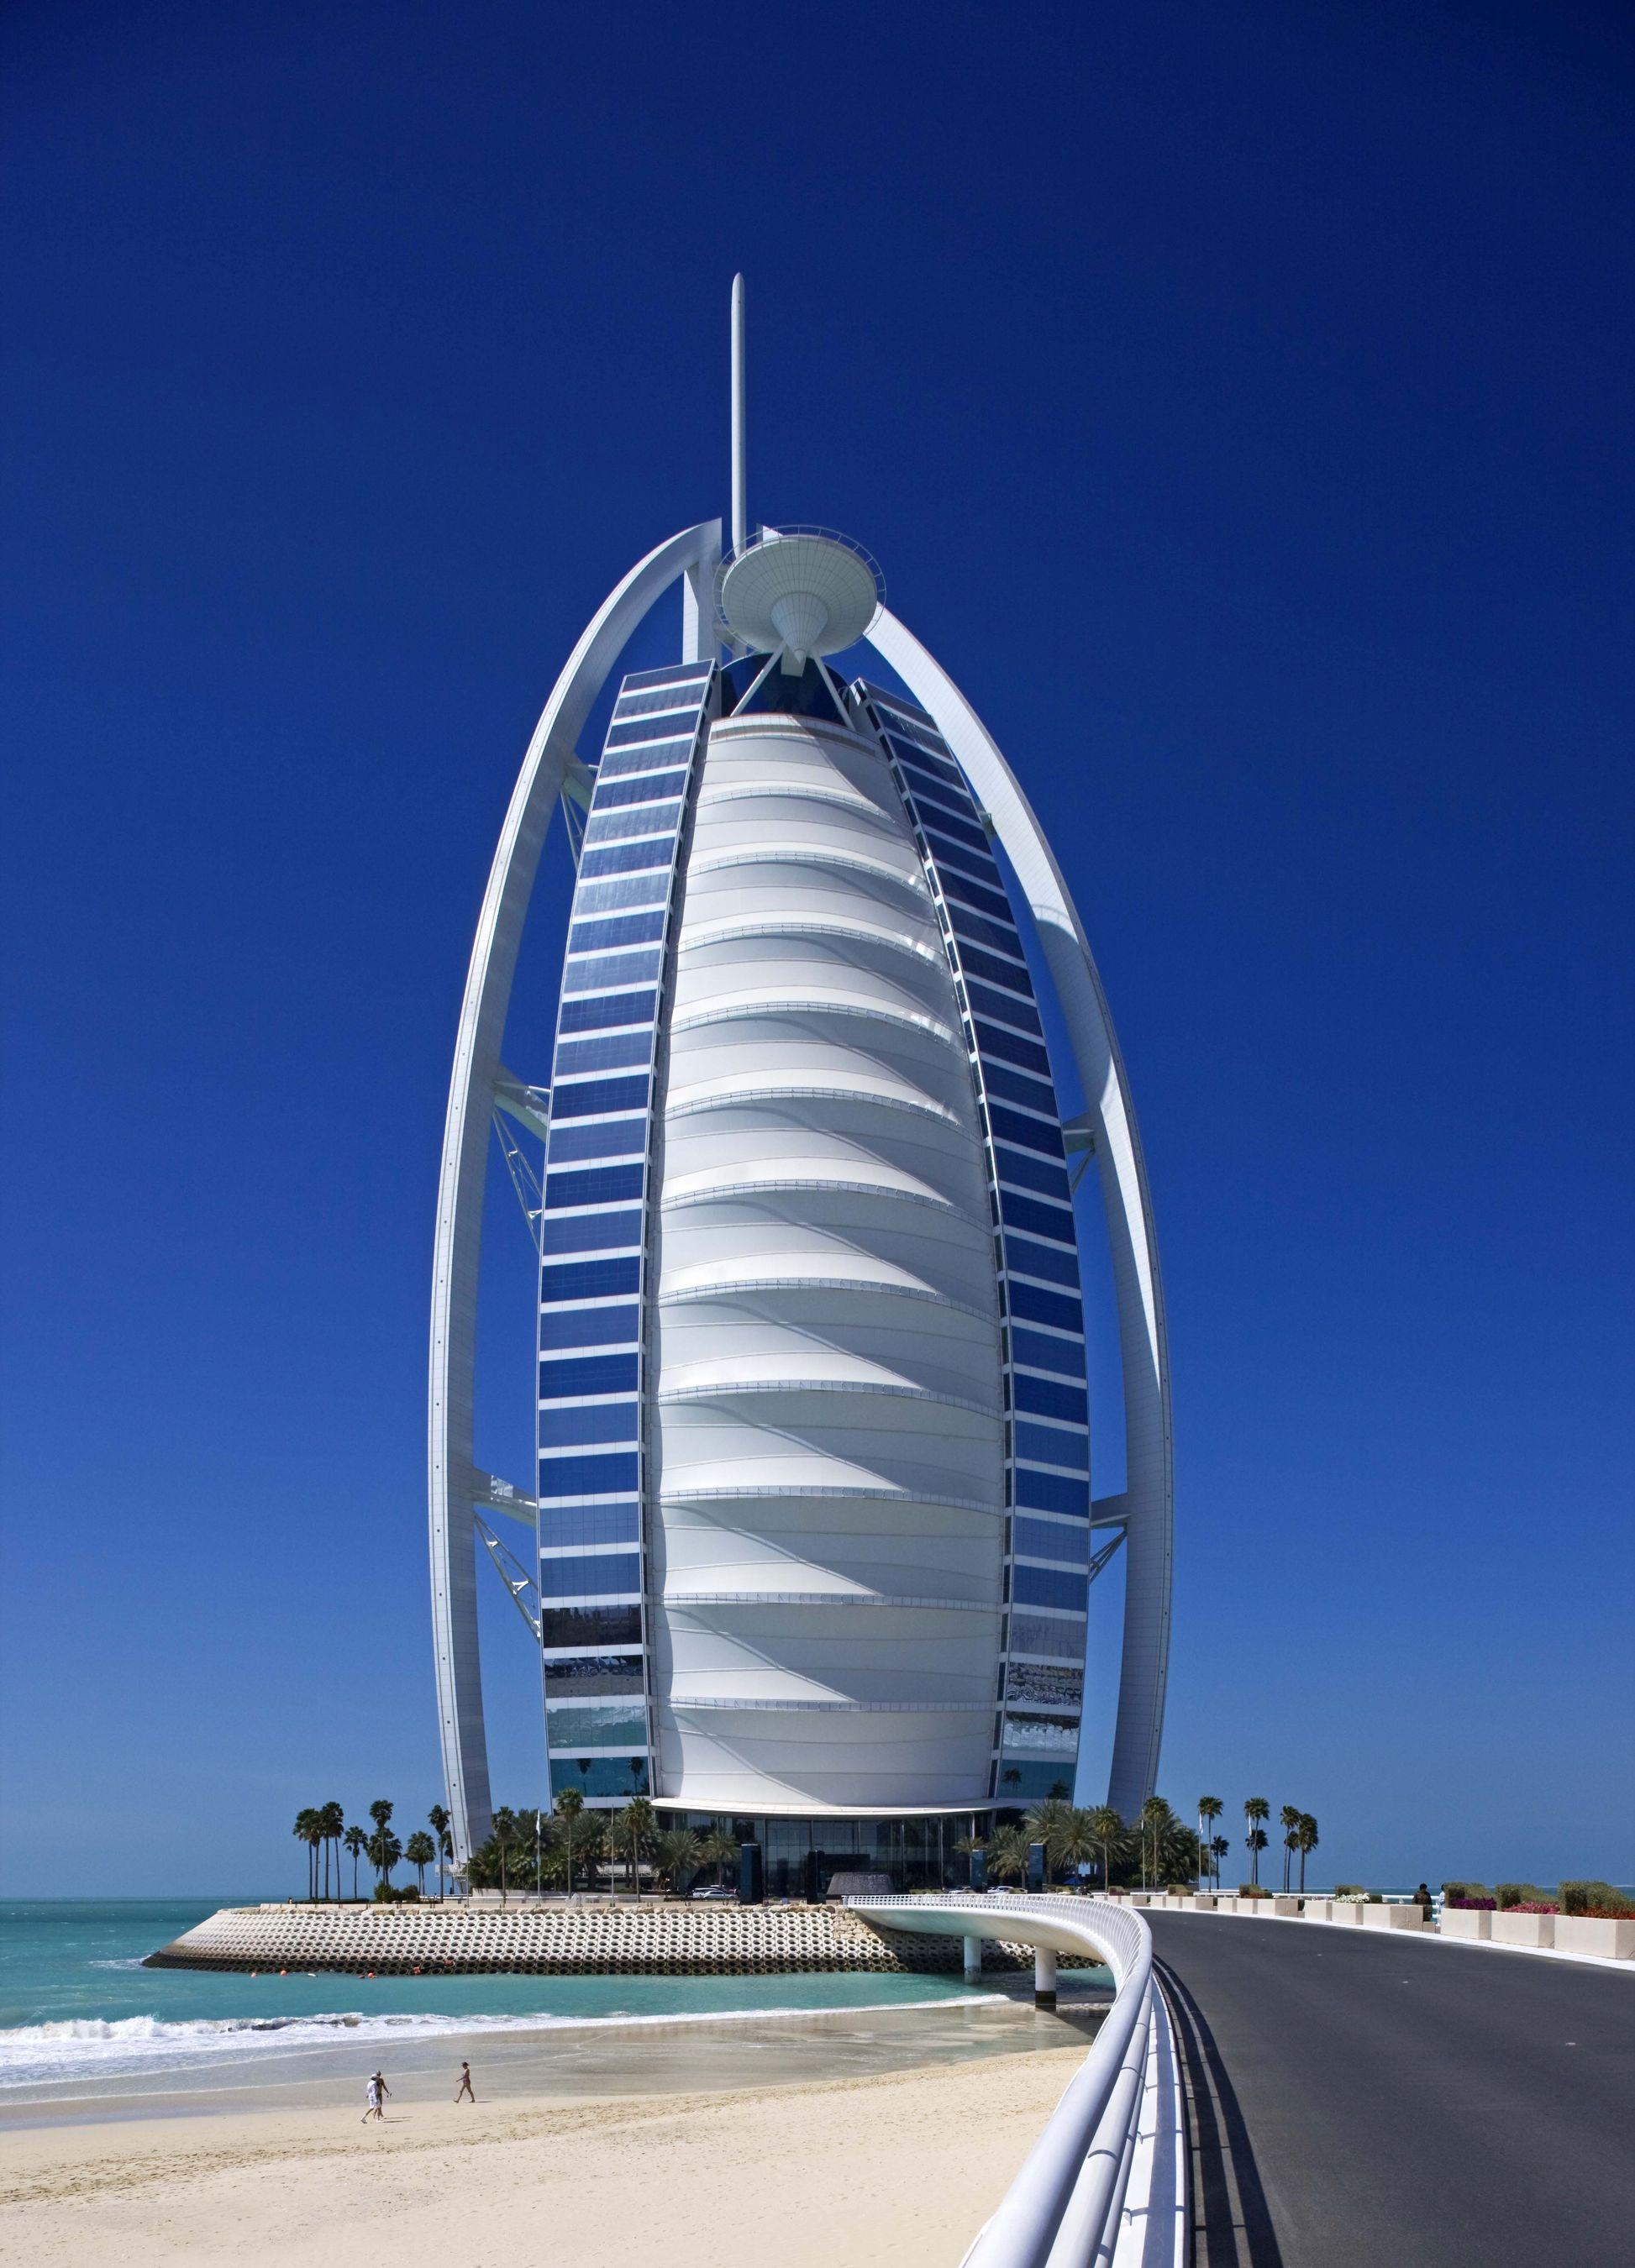 Burj al arab jumeirah se prepara para celebrar su 15o for Burj arab dubai